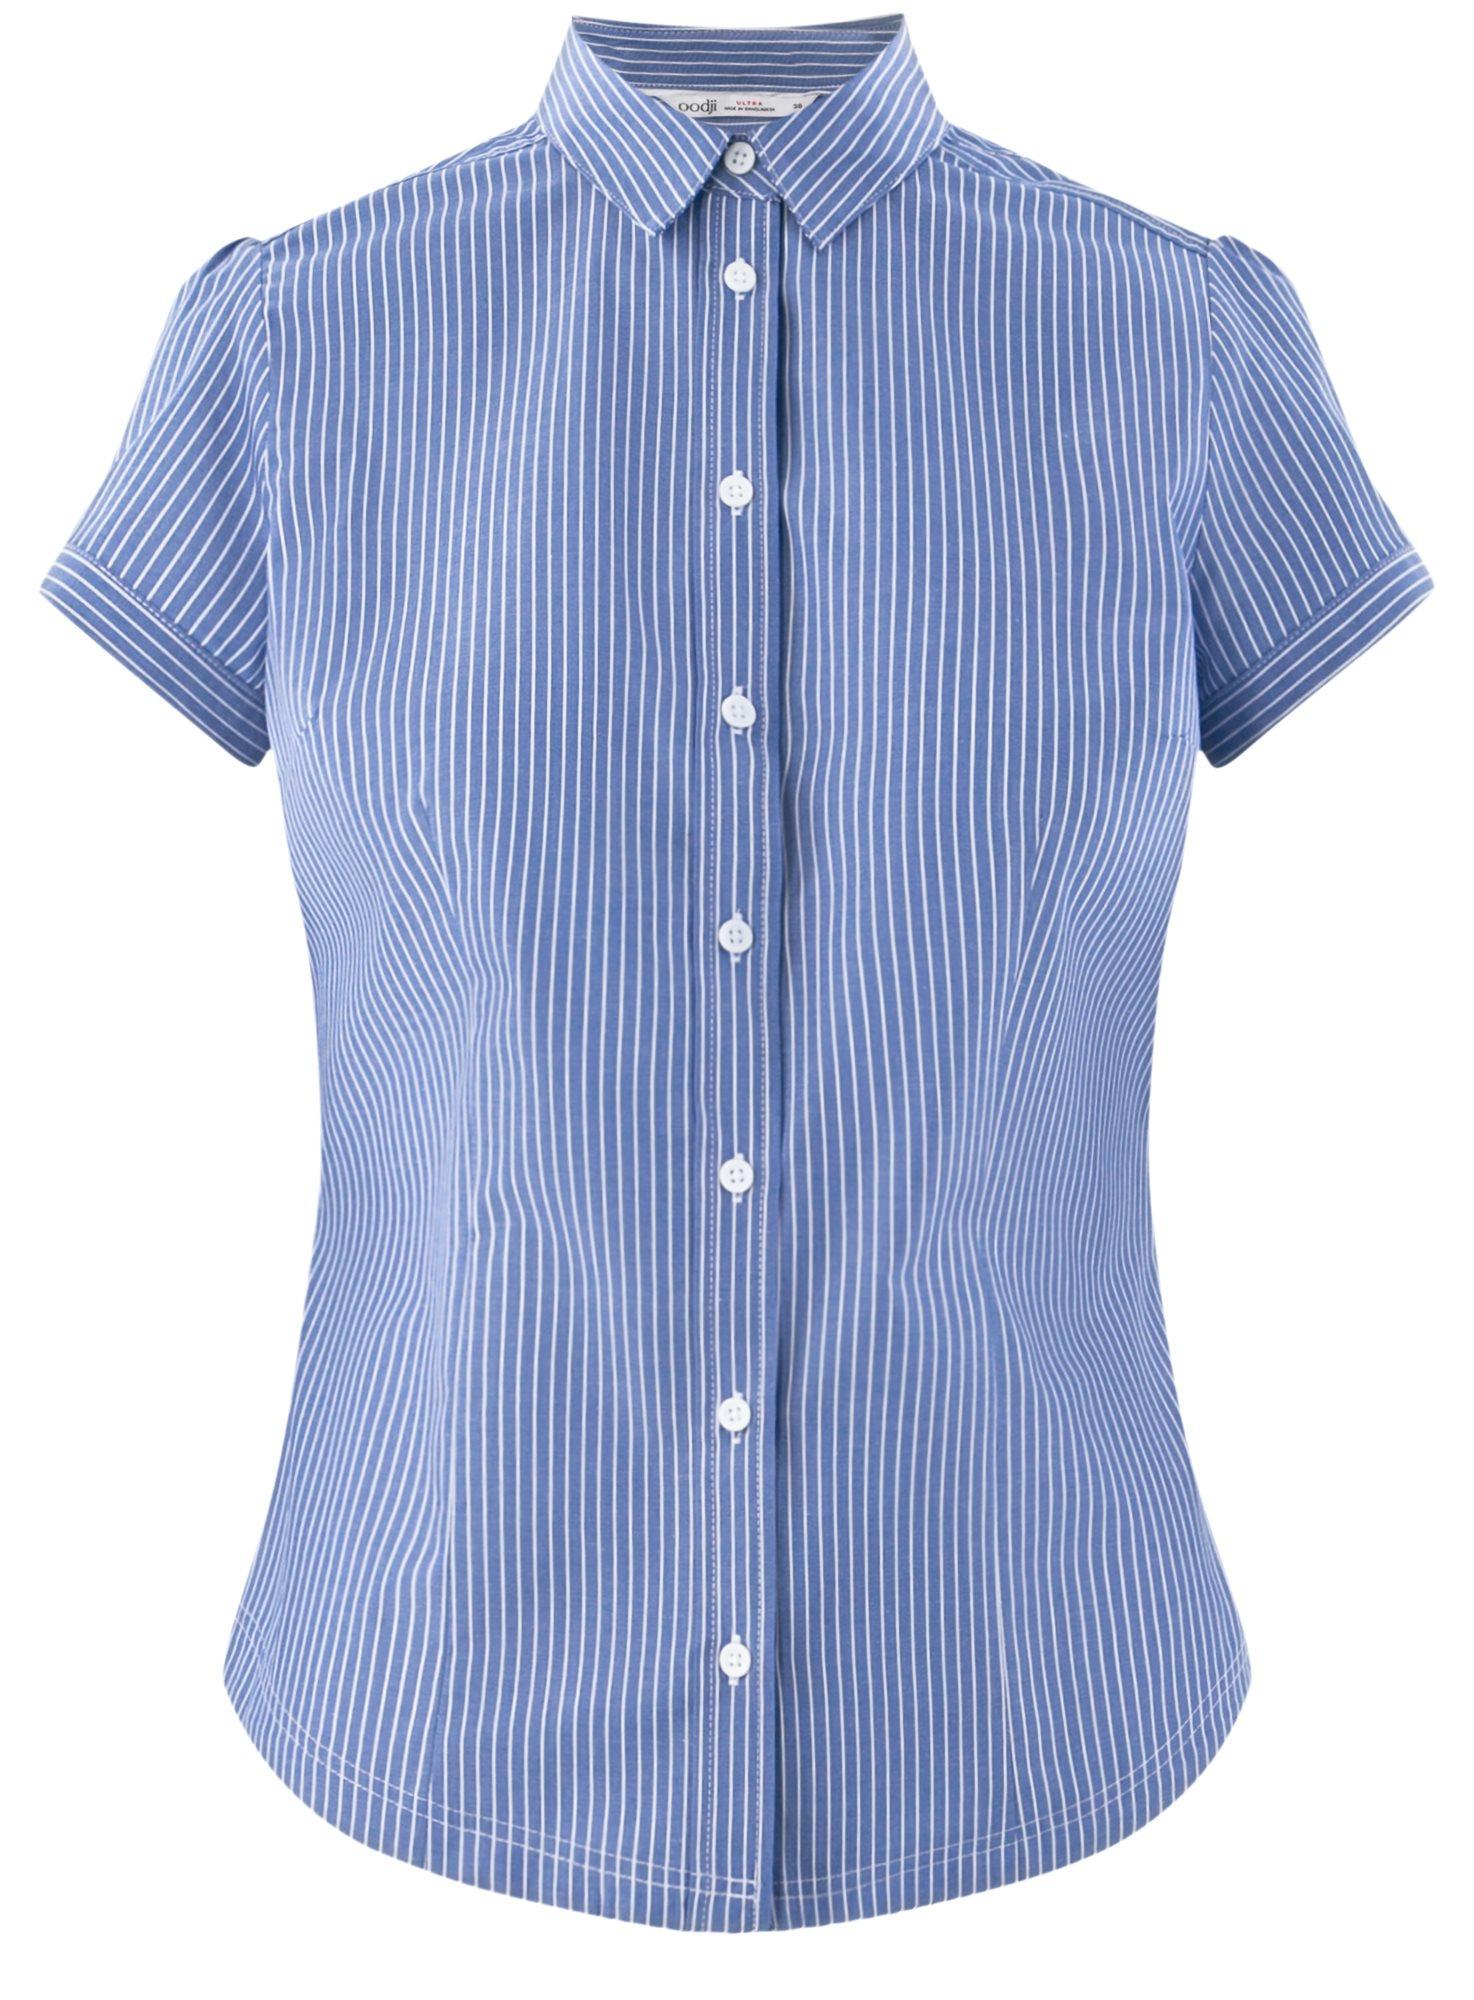 Рубашка хлопковая с коротким рукавом oodji для женщины (синий), 13K01004B/33081/7510S